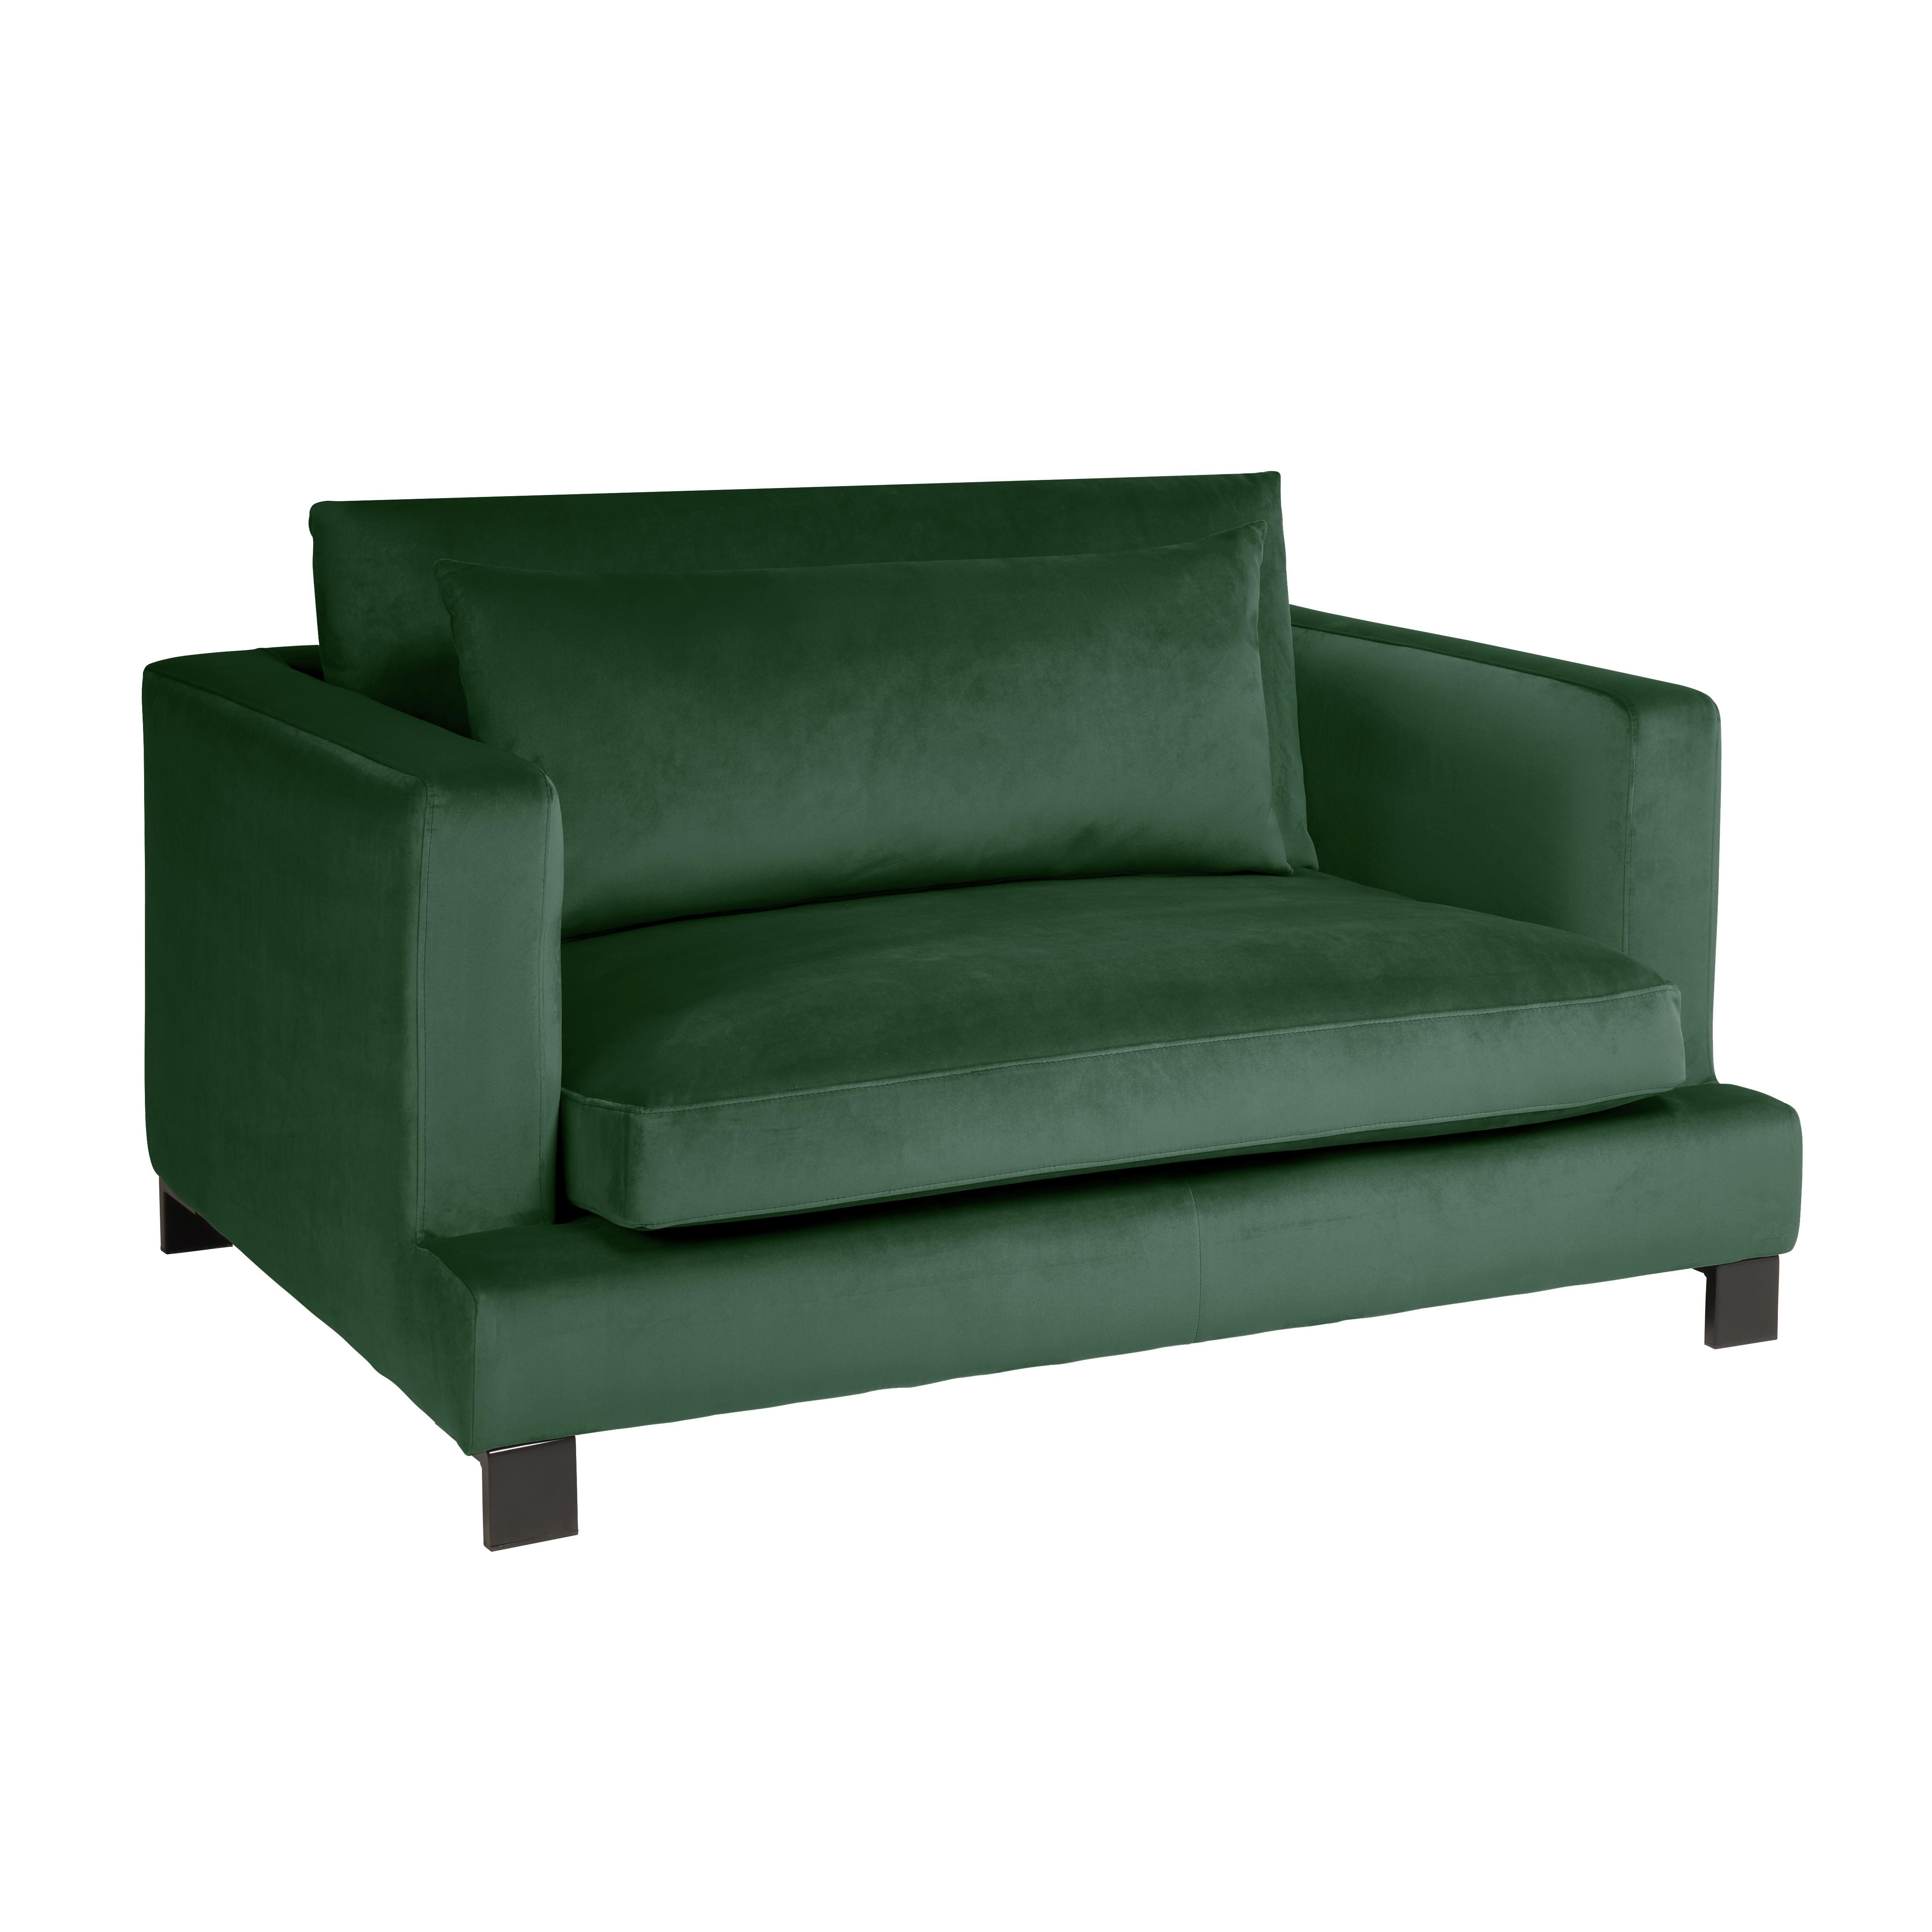 Lugano II cuddler sofa alba velvet forest green